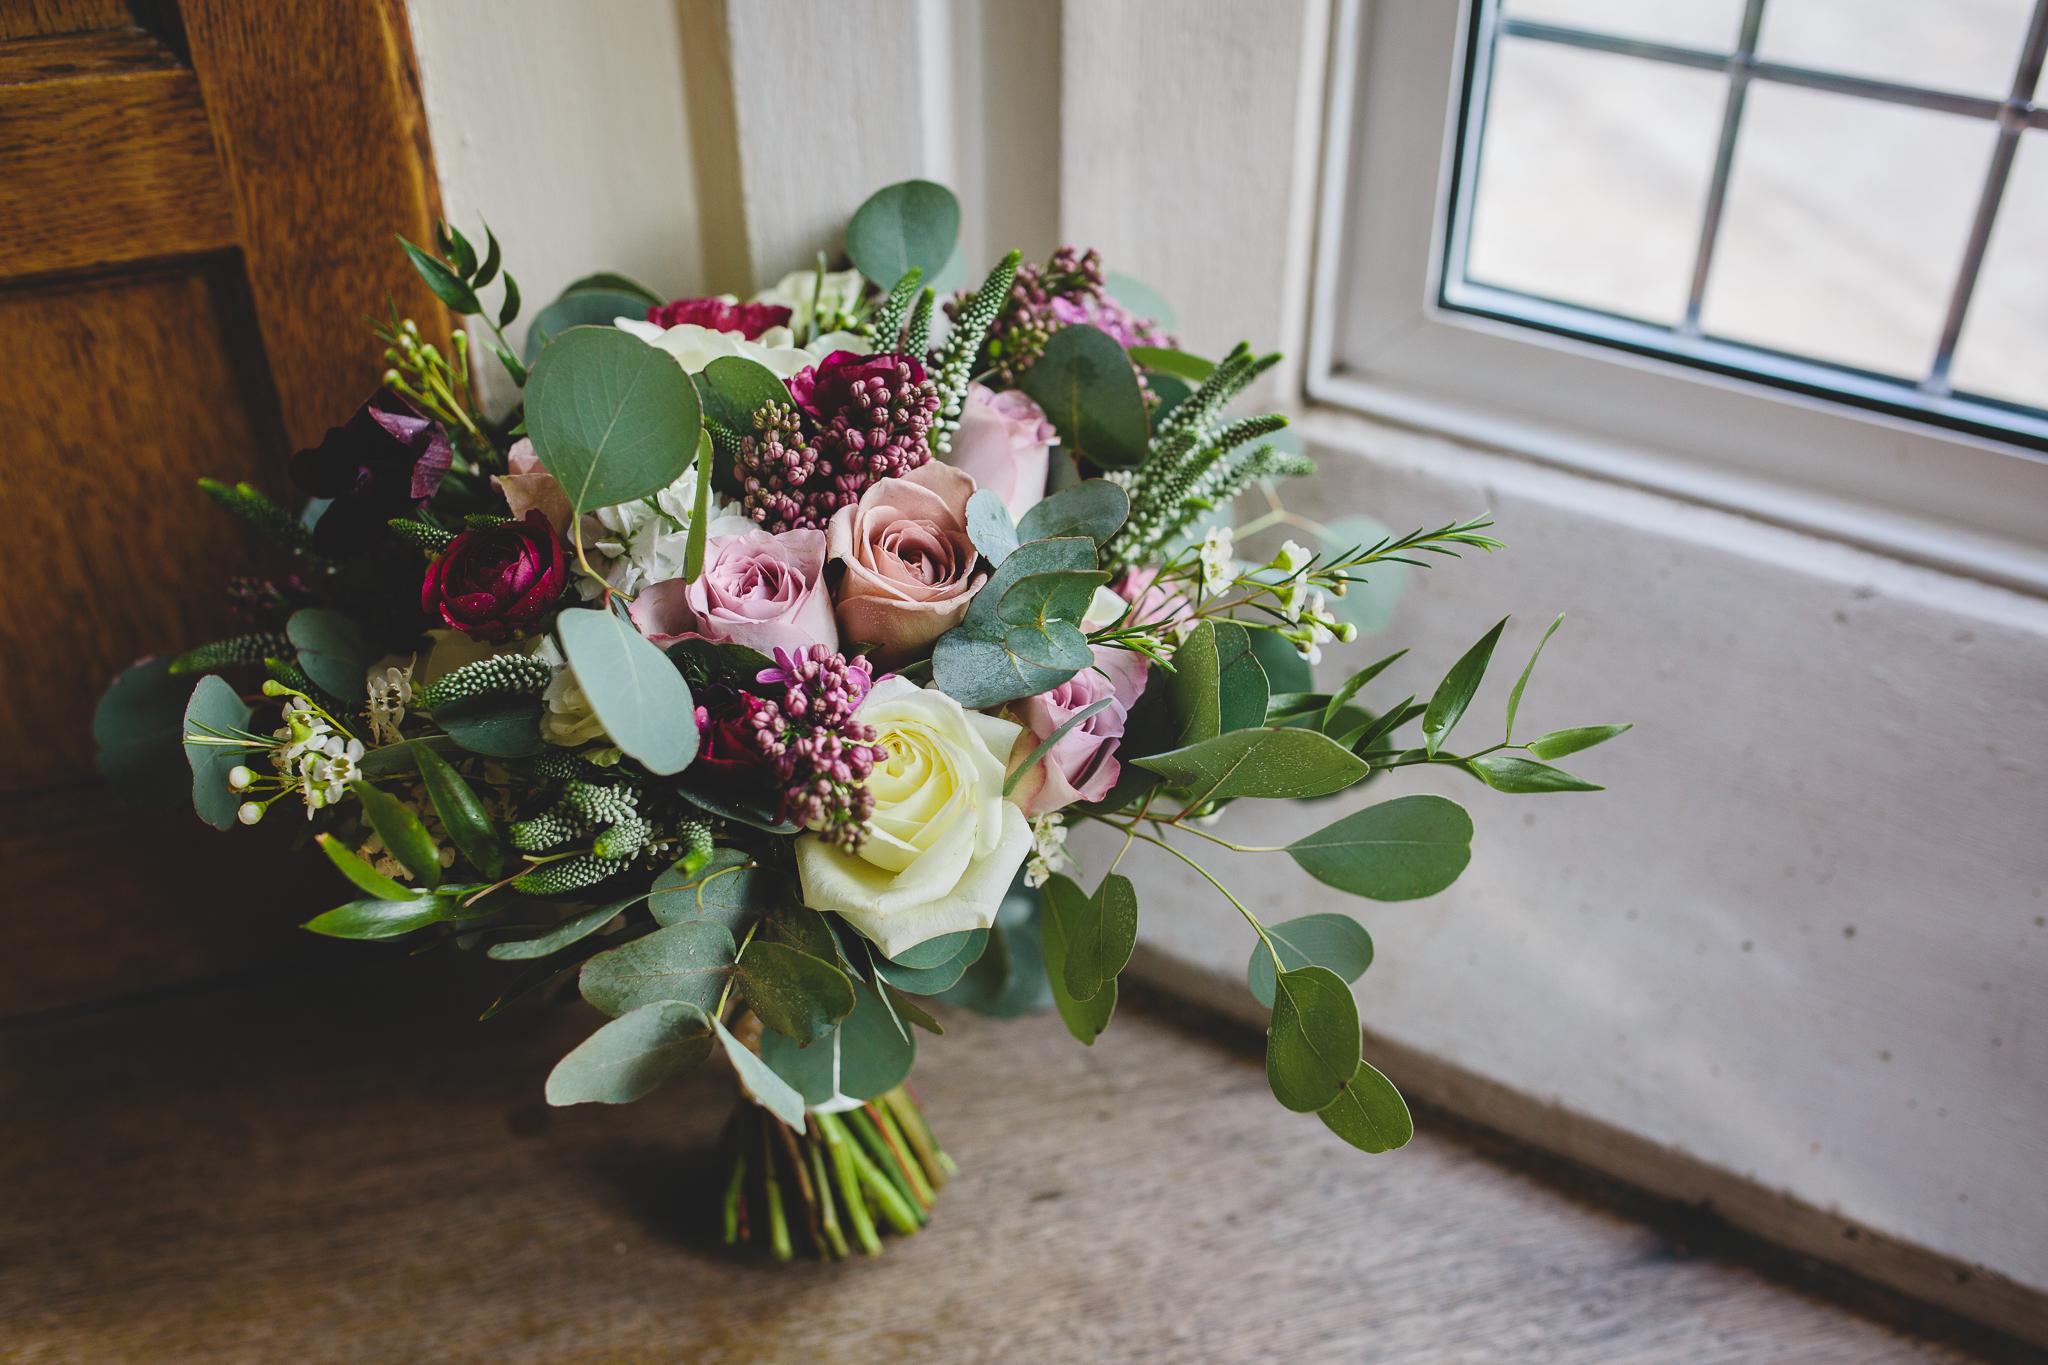 Daisy Lane Floral Design - Vintage pink bridal bouquet